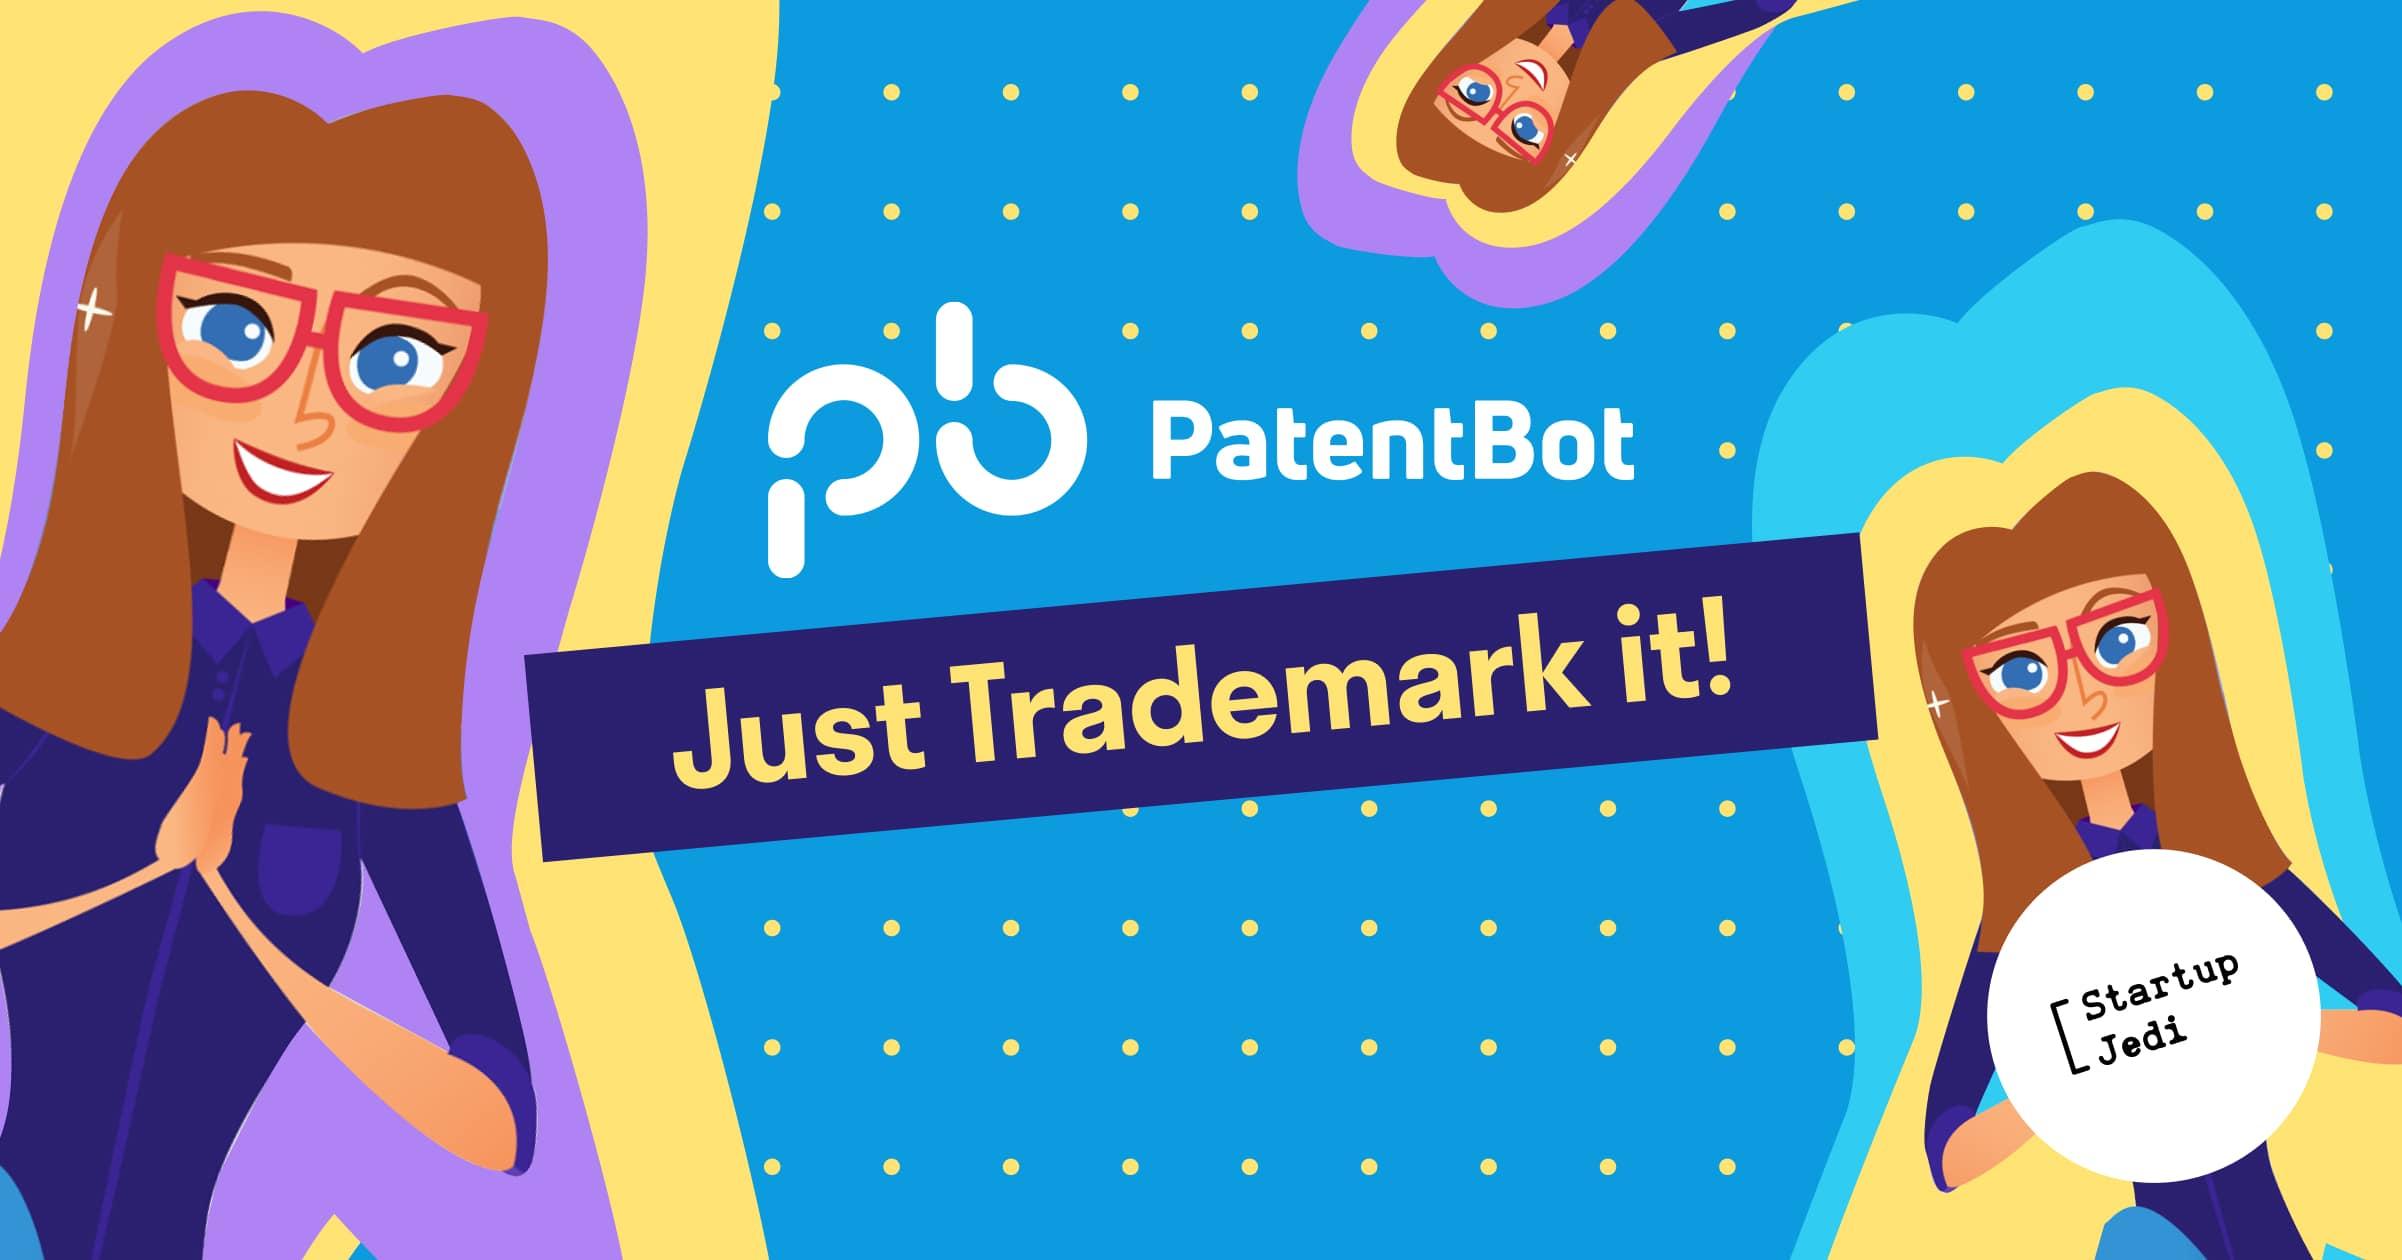 PatentBot startup